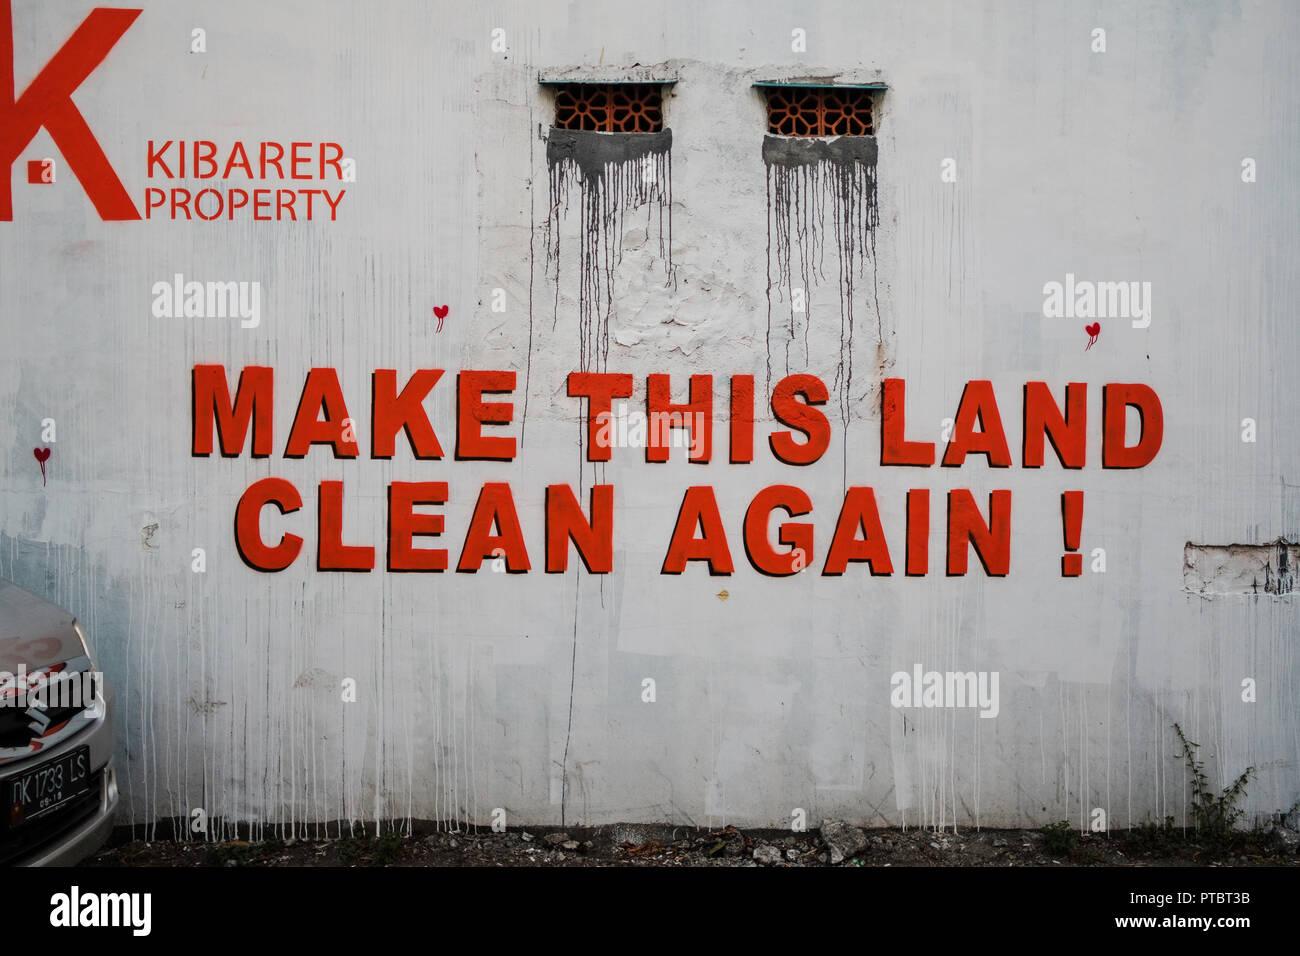 Rendere questa terra pulire di nuovo - una dichiarazione ambientale a Bali, in Indonesia Immagini Stock